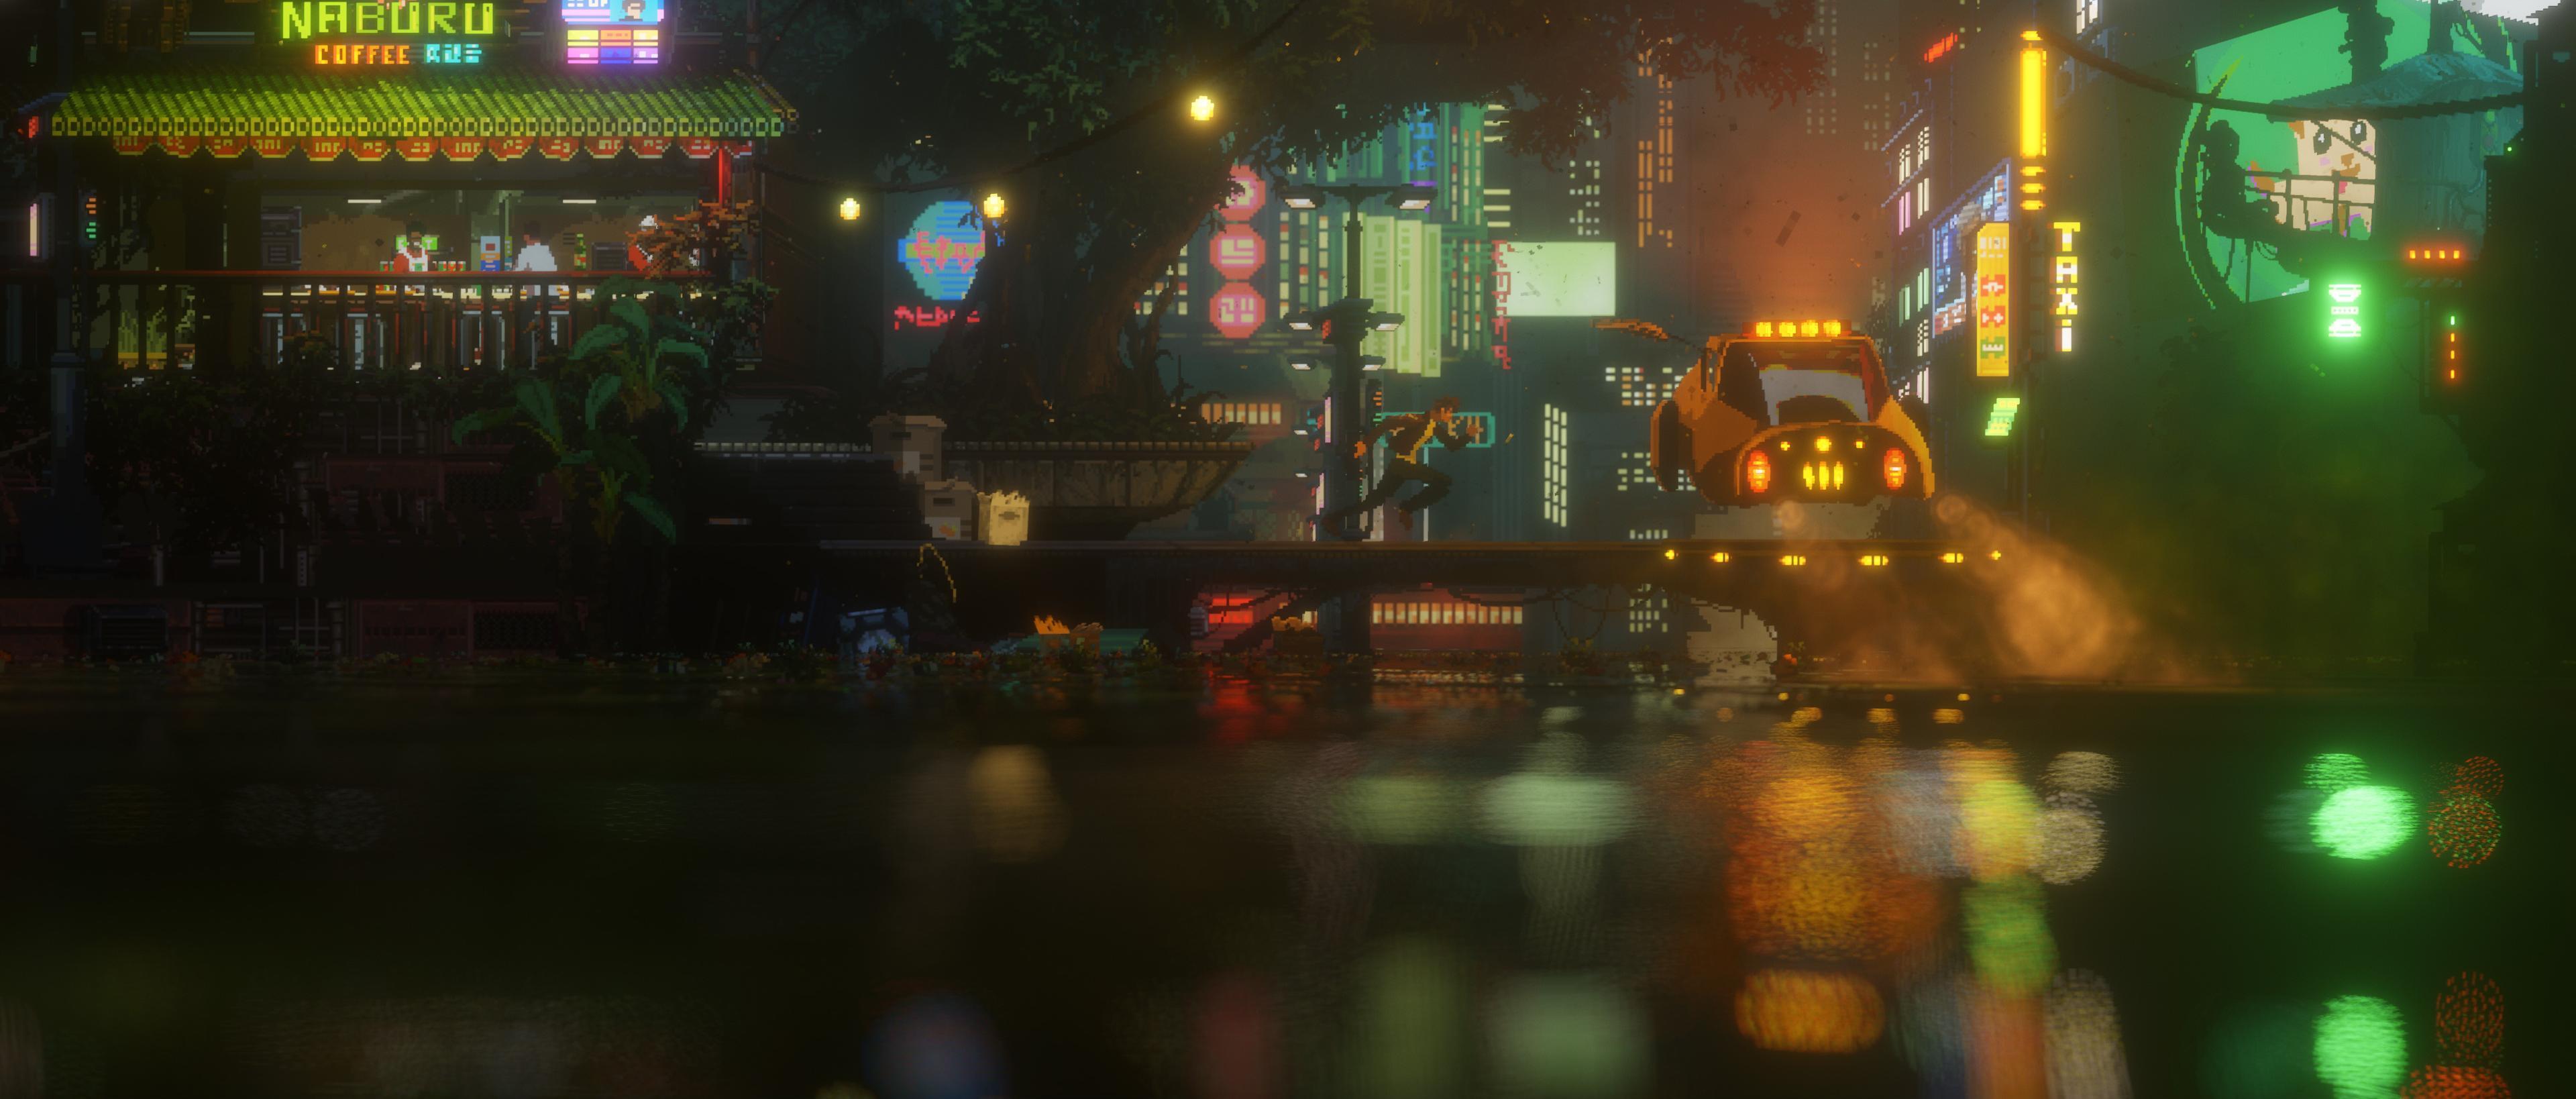 General 3840x1638 cyberpunk video games pixel art The Last Night